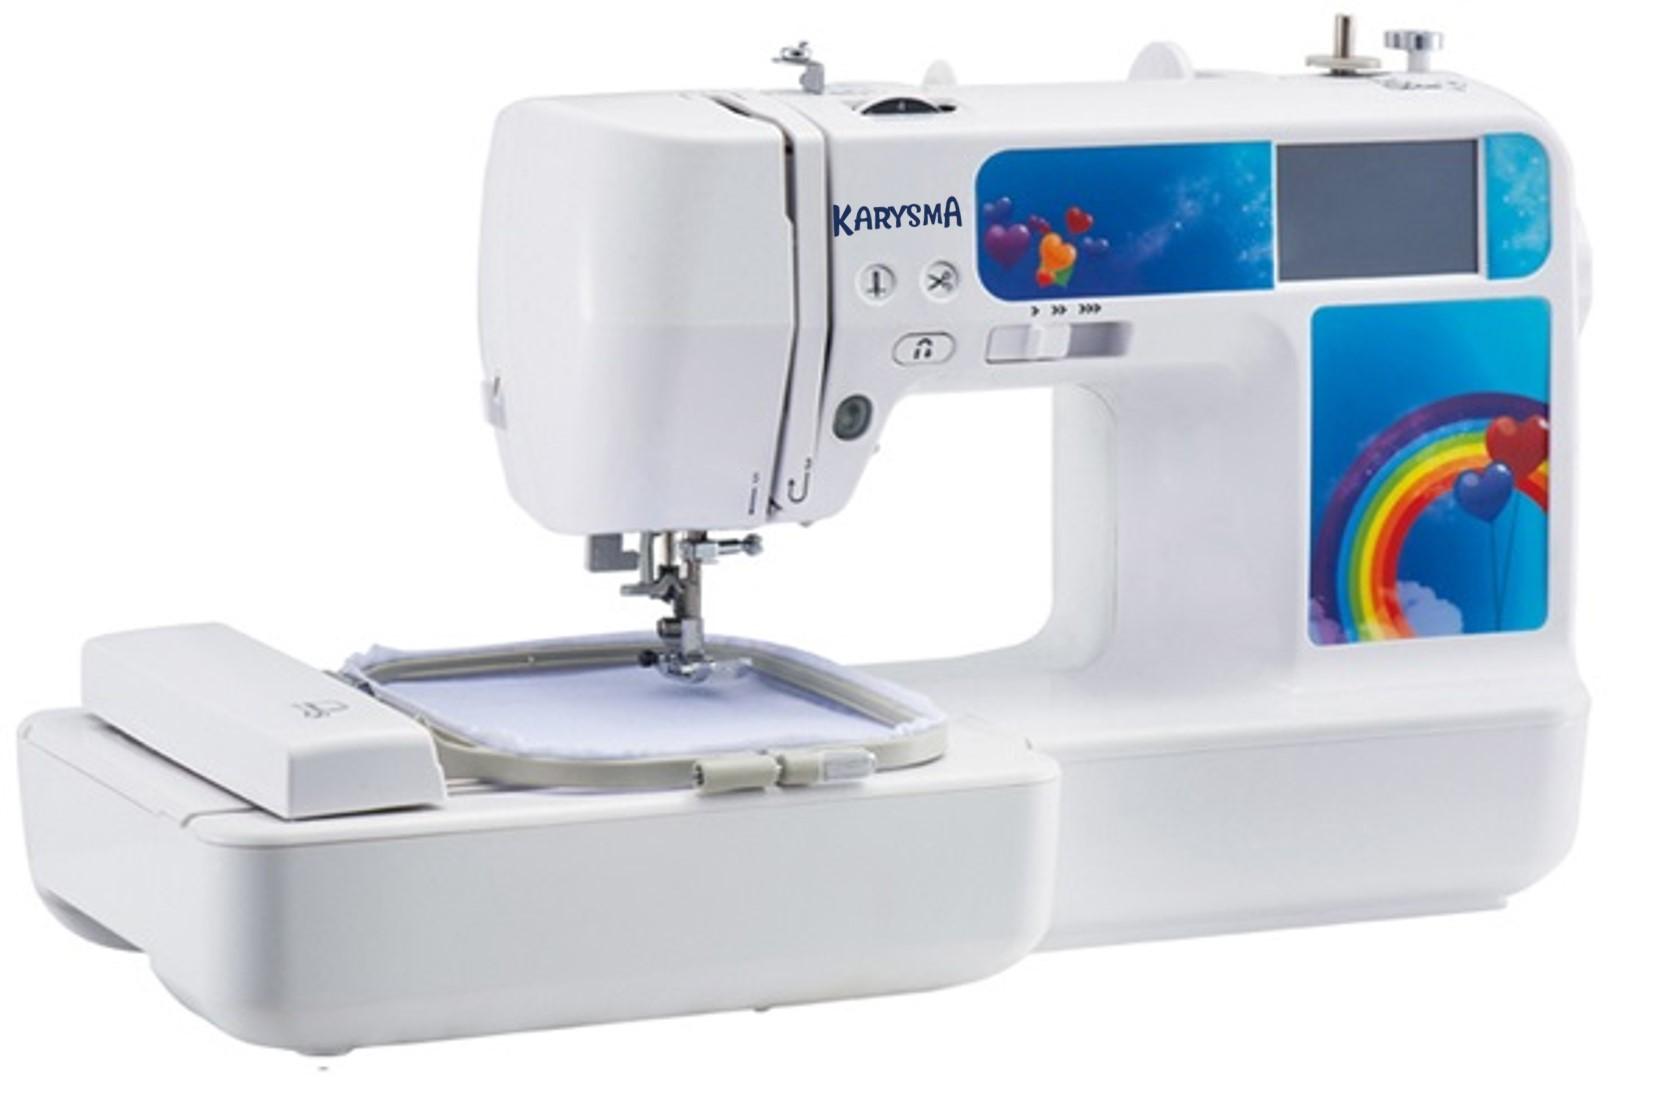 mesin karysma ks950 sewing machine